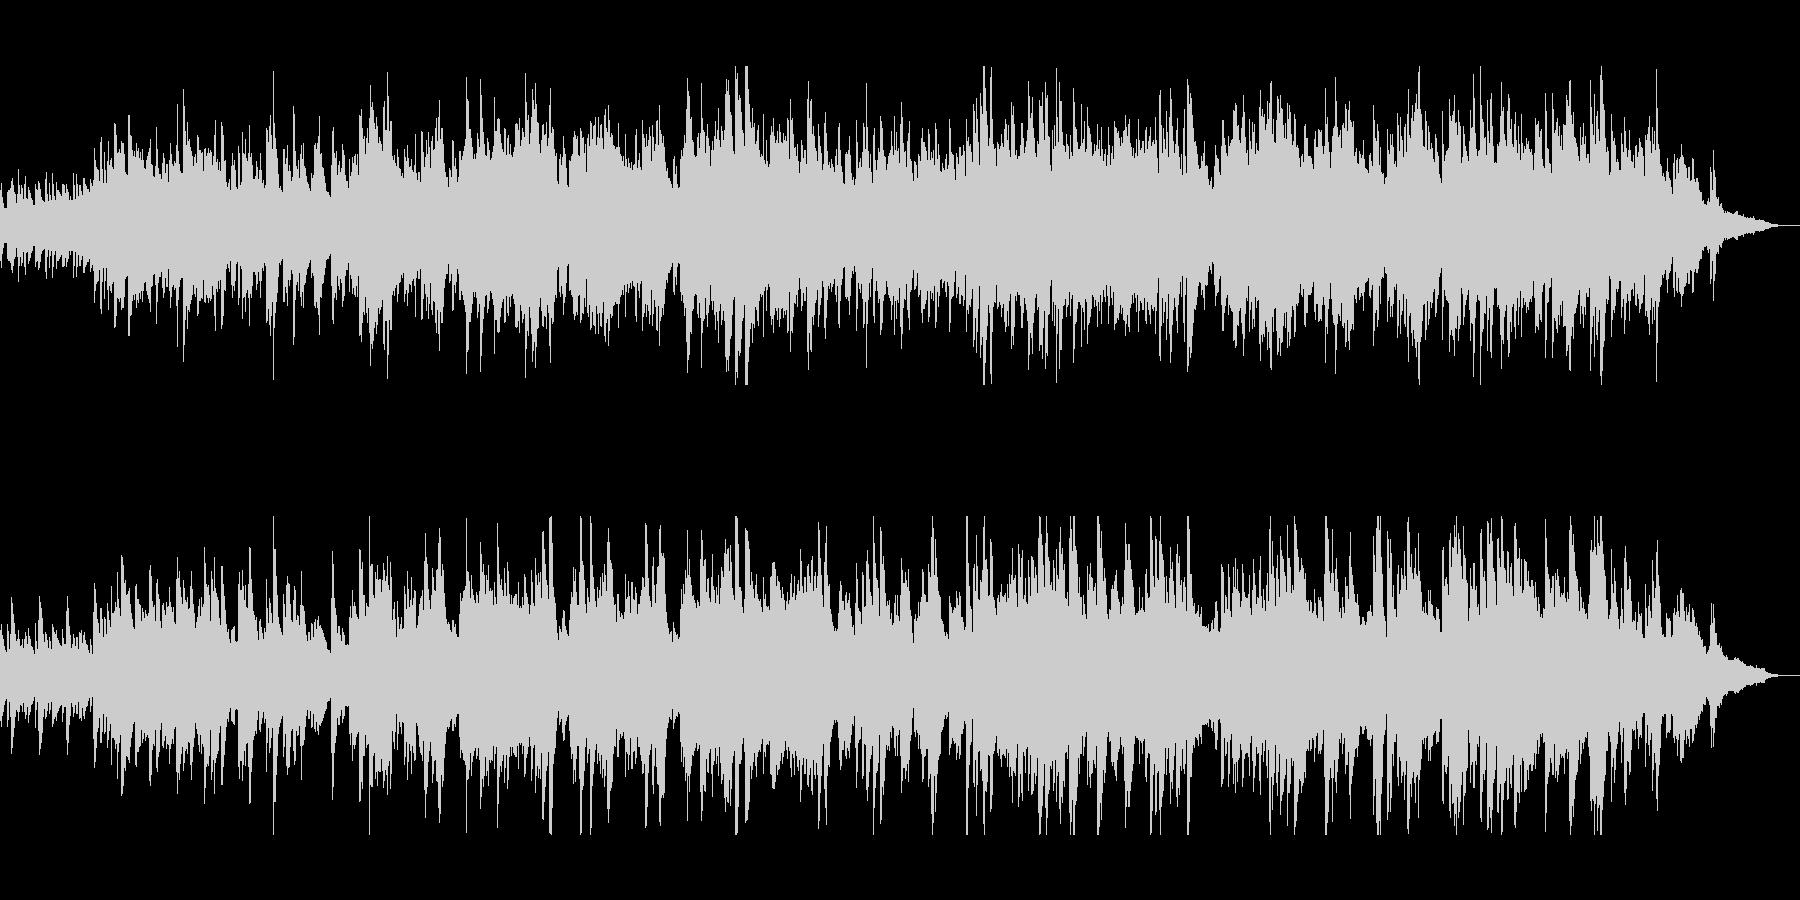 優しい音色のピアノの調べの未再生の波形